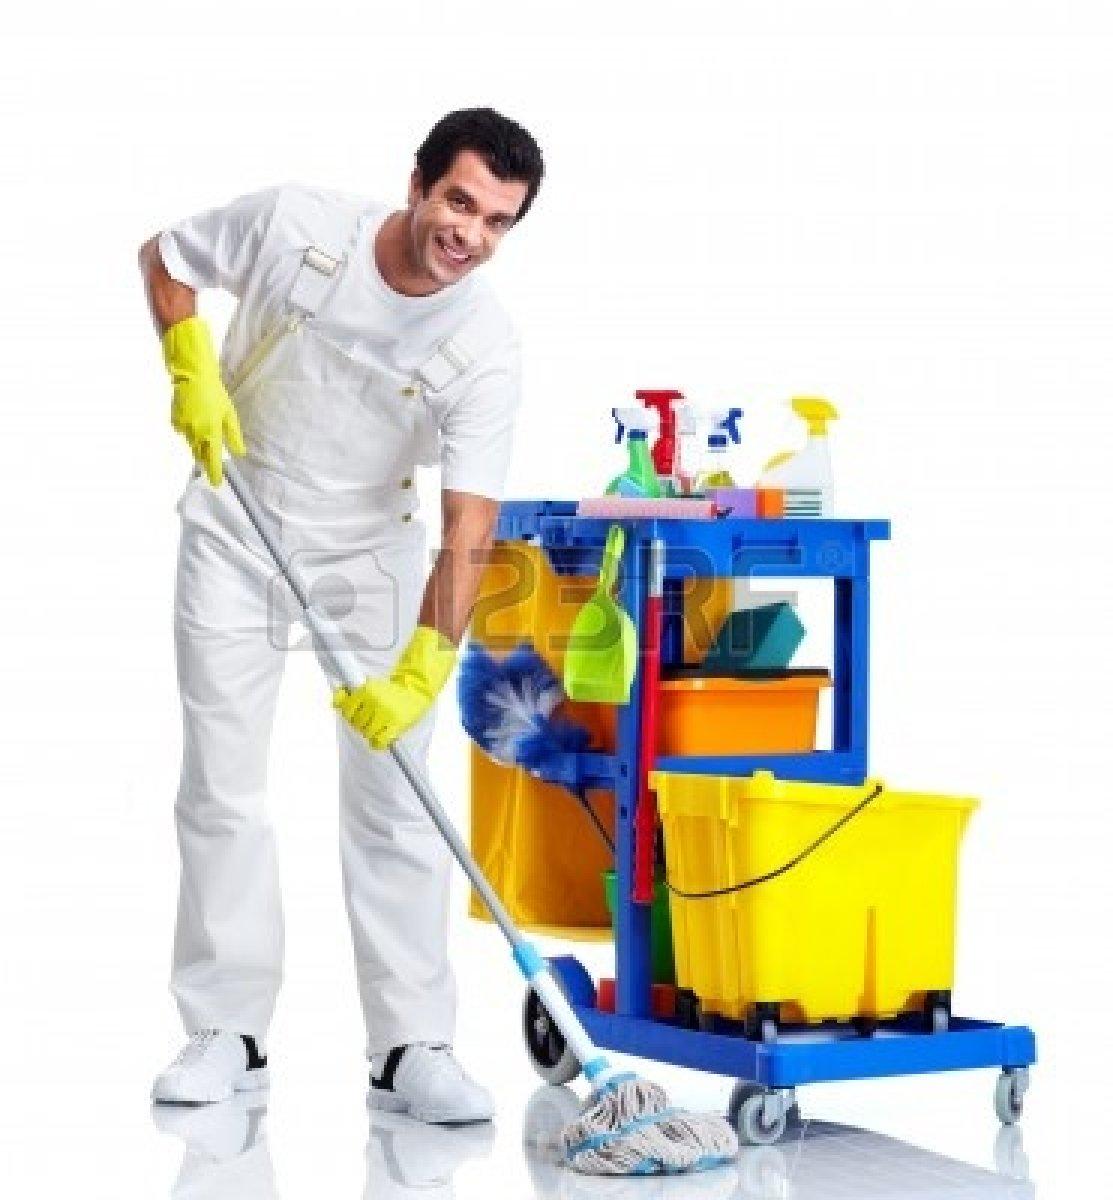 الصفرات لتنظيف الفلل بالرياض 0563238725 - صفحة 2 Shehab_clean